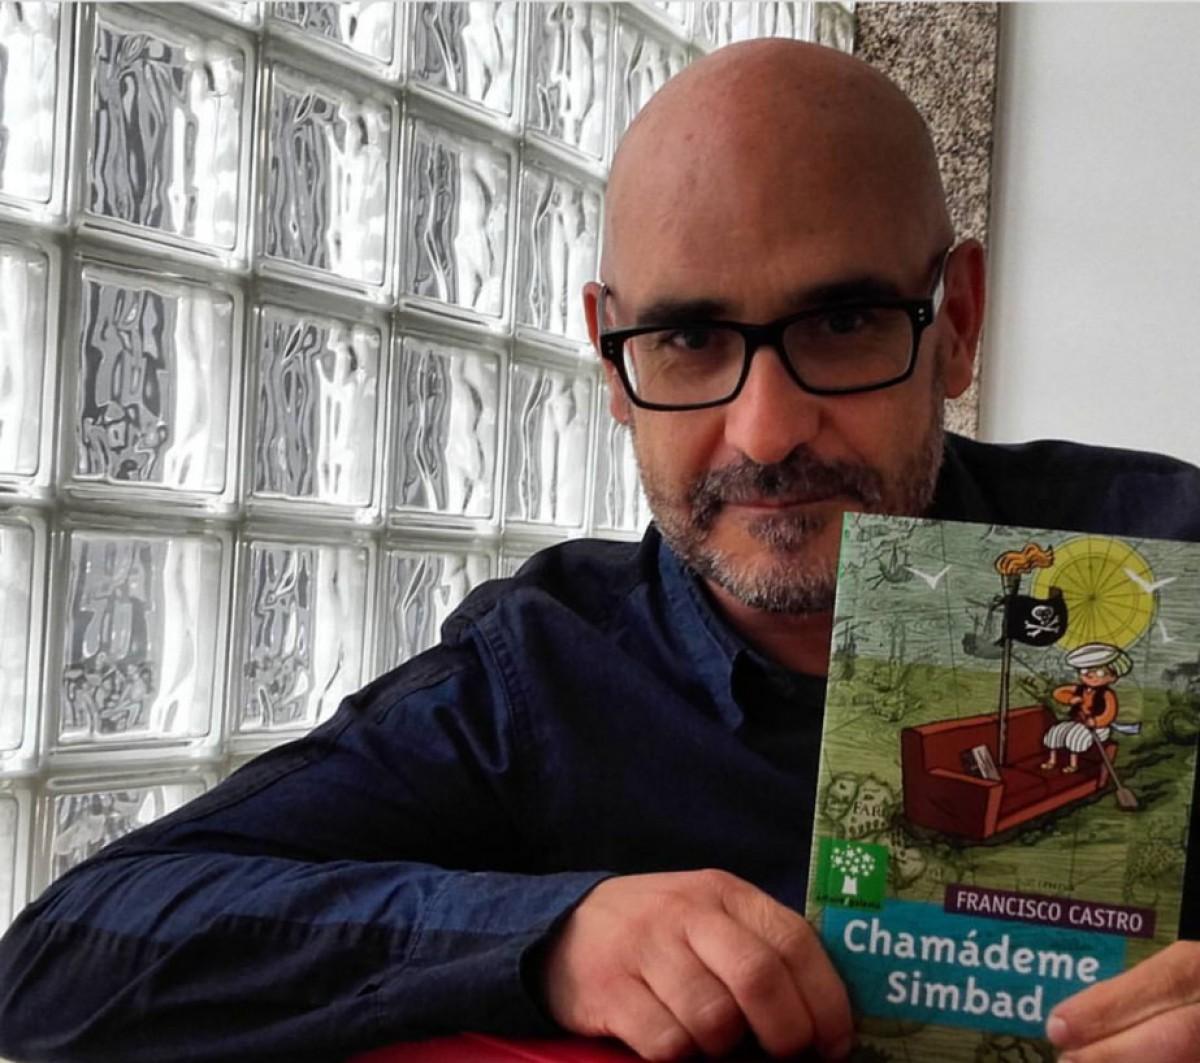 Francisco Castro, amb l'edició en gallec de la novel·la, que ara també s'ha traduït al català